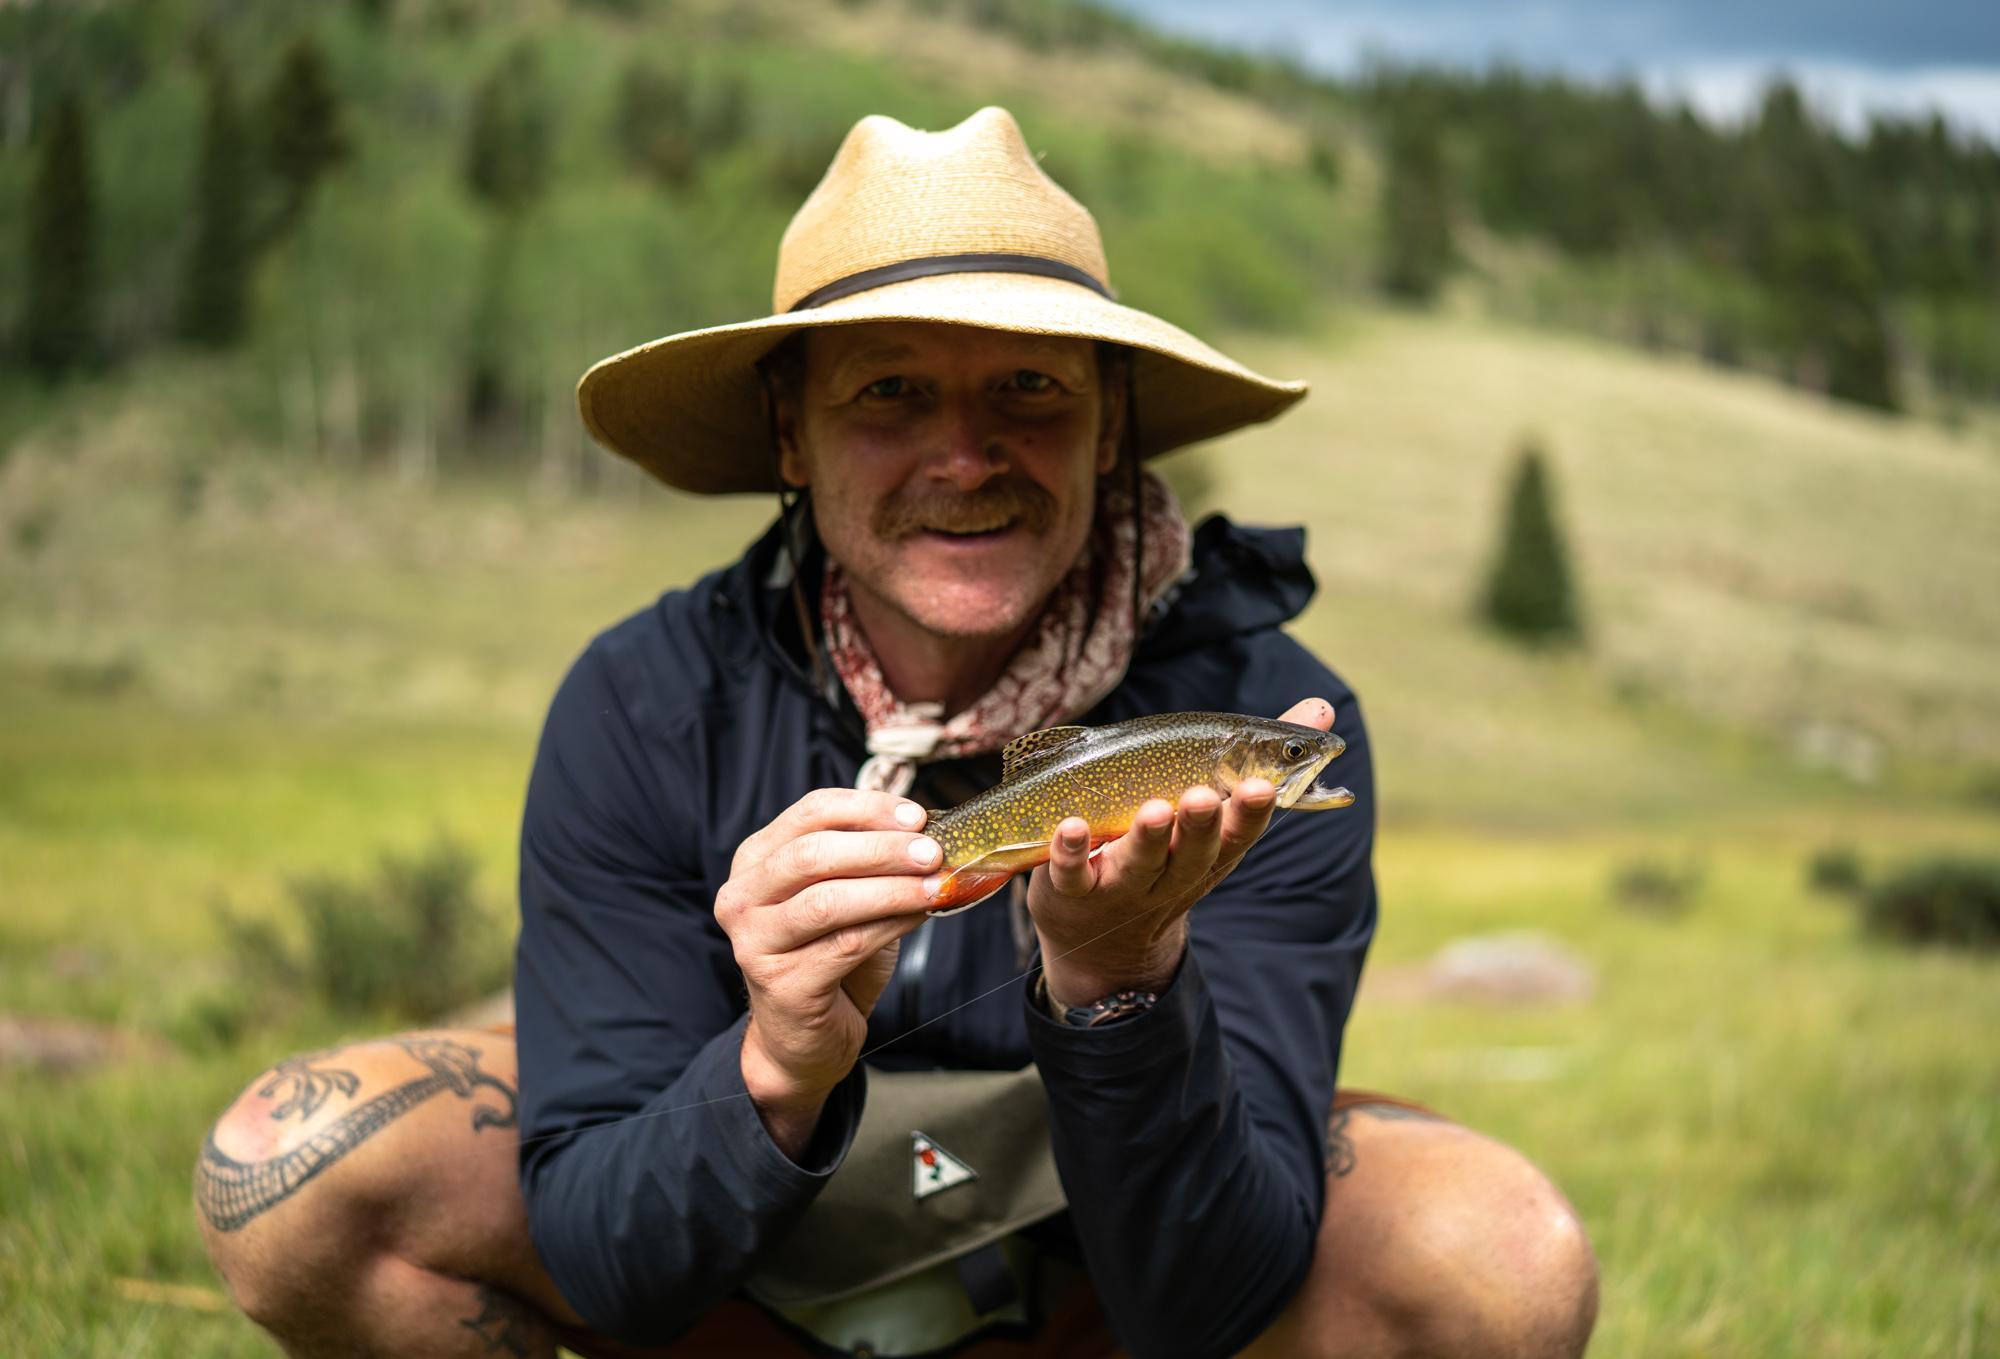 Biggest fish of the trip - photo Kyle Klain